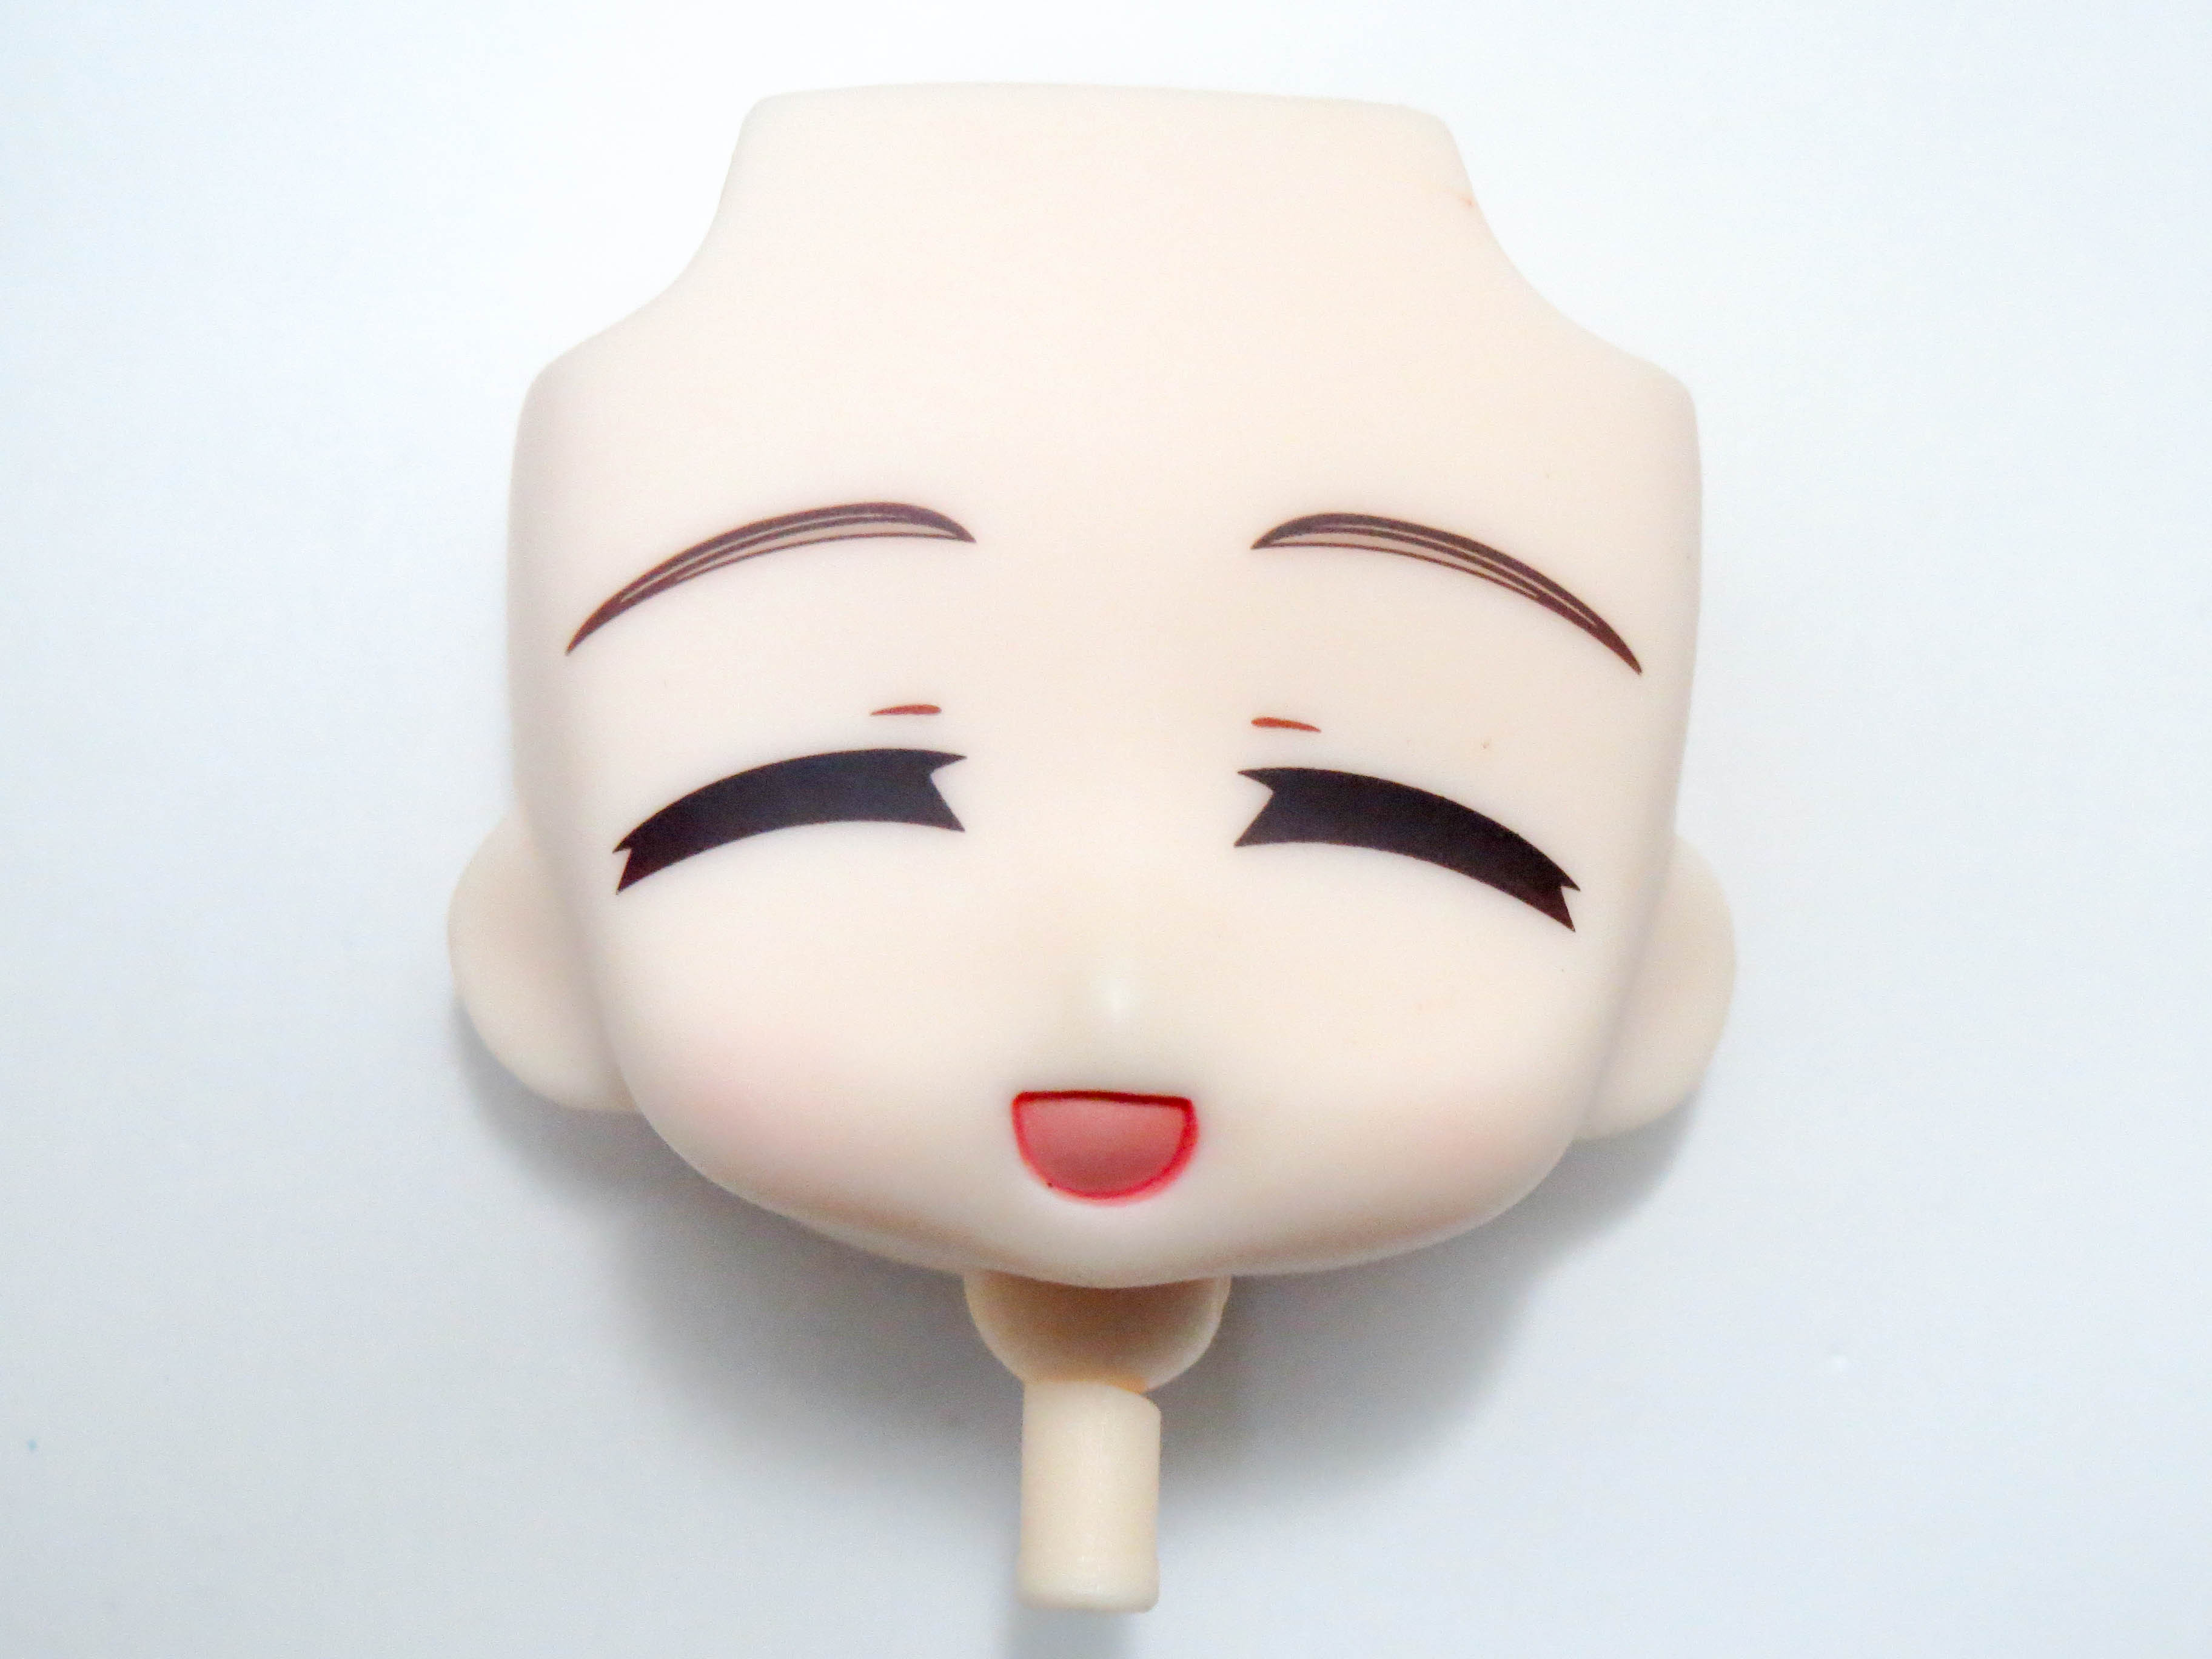 【SALE】【162】 リネット・ビショップ 顔パーツ 笑顔 ねんどろいど